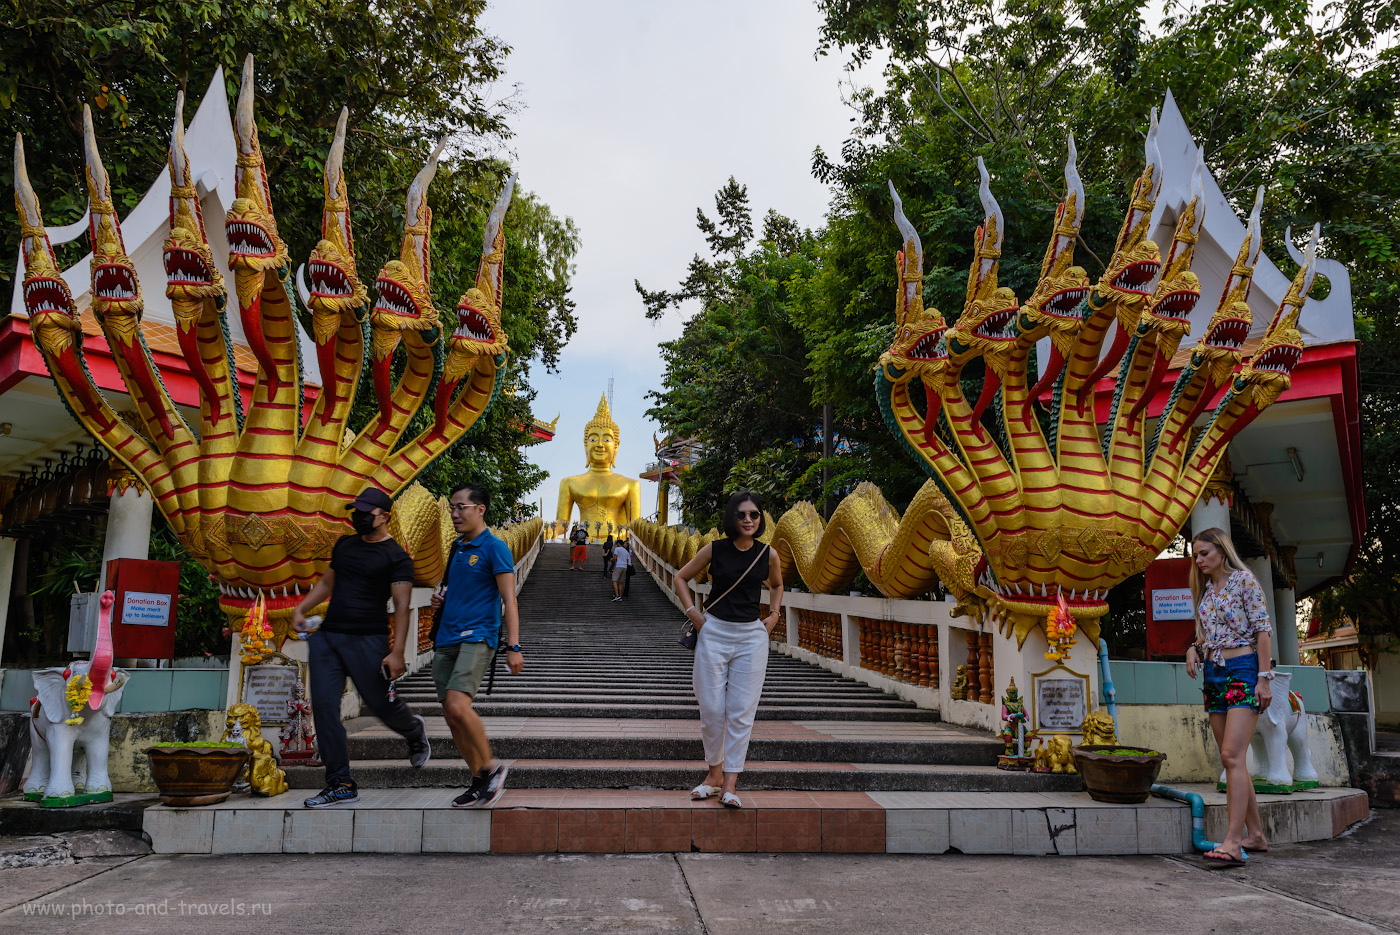 Фотография 22. Драконы у подножья Большого Будды на холме Пратамнак. Что посмотреть в Паттайе самостоятельно и недорого. Отзыв об отдыхе в Таиланде в четвертый раз. 1/50, -1.0, 8.0, 125, 24.